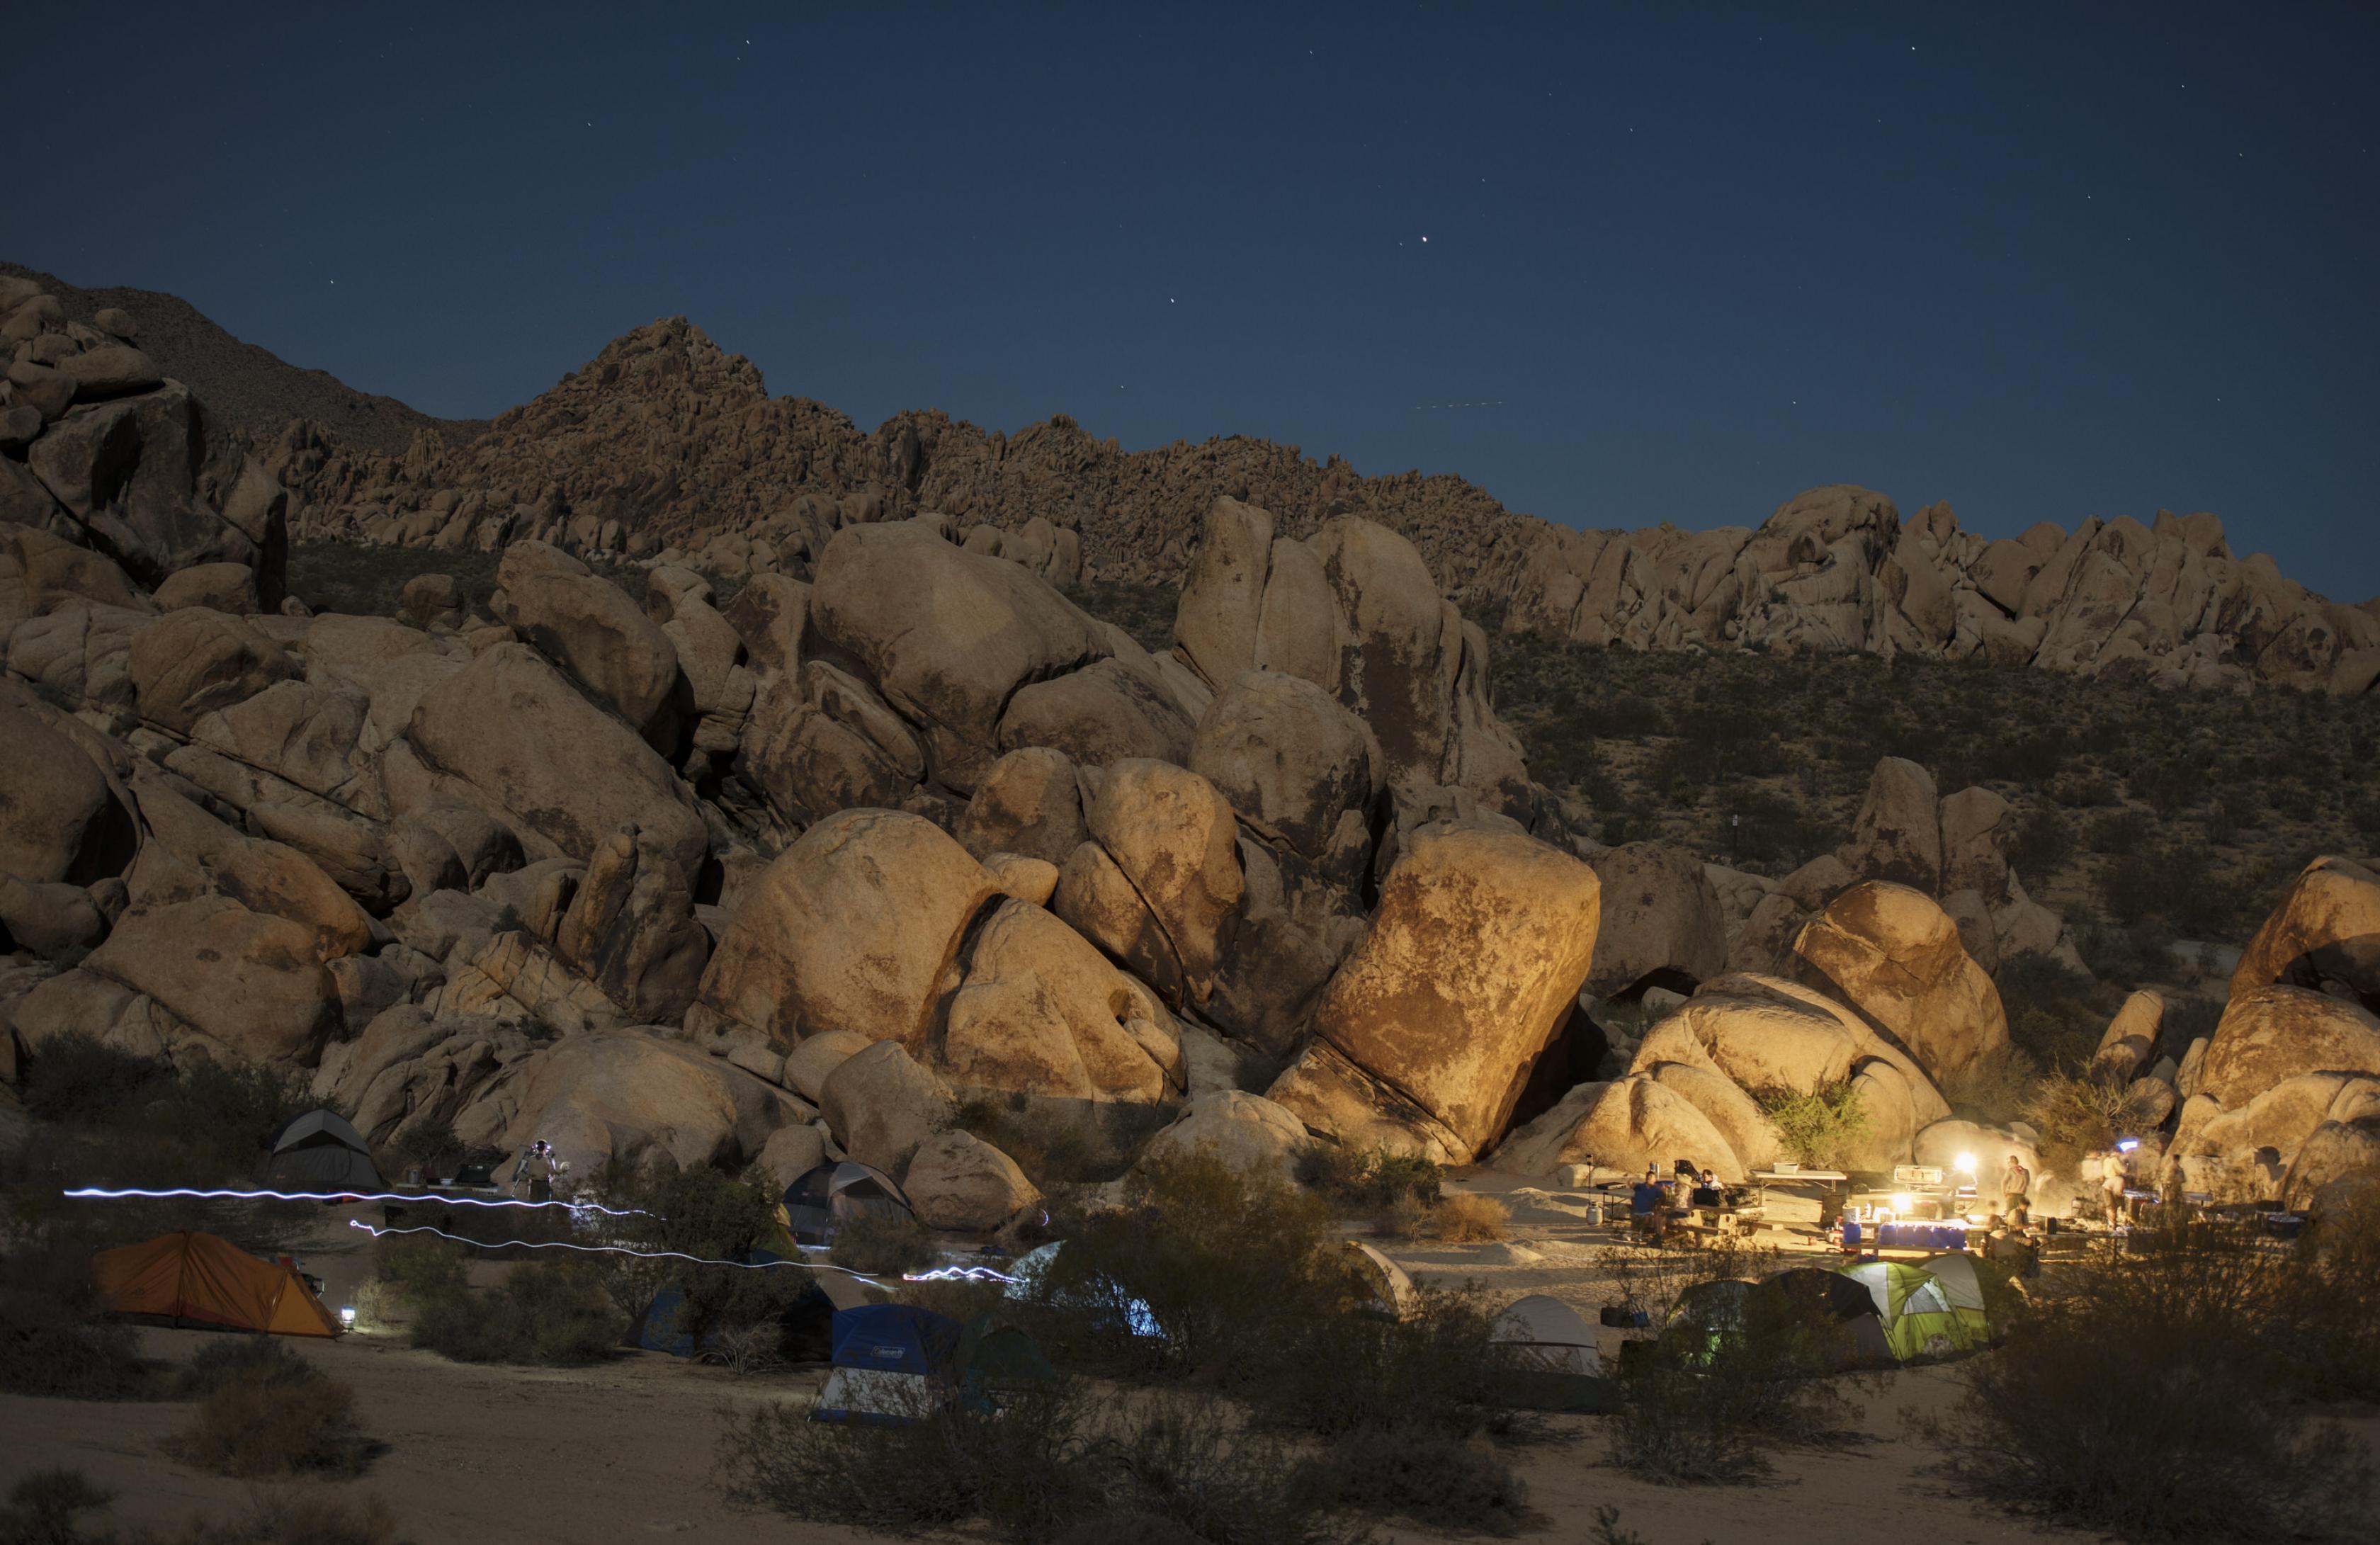 camping iluminados bajo una noche estrellada en el Parque Nacional Joshua Tree